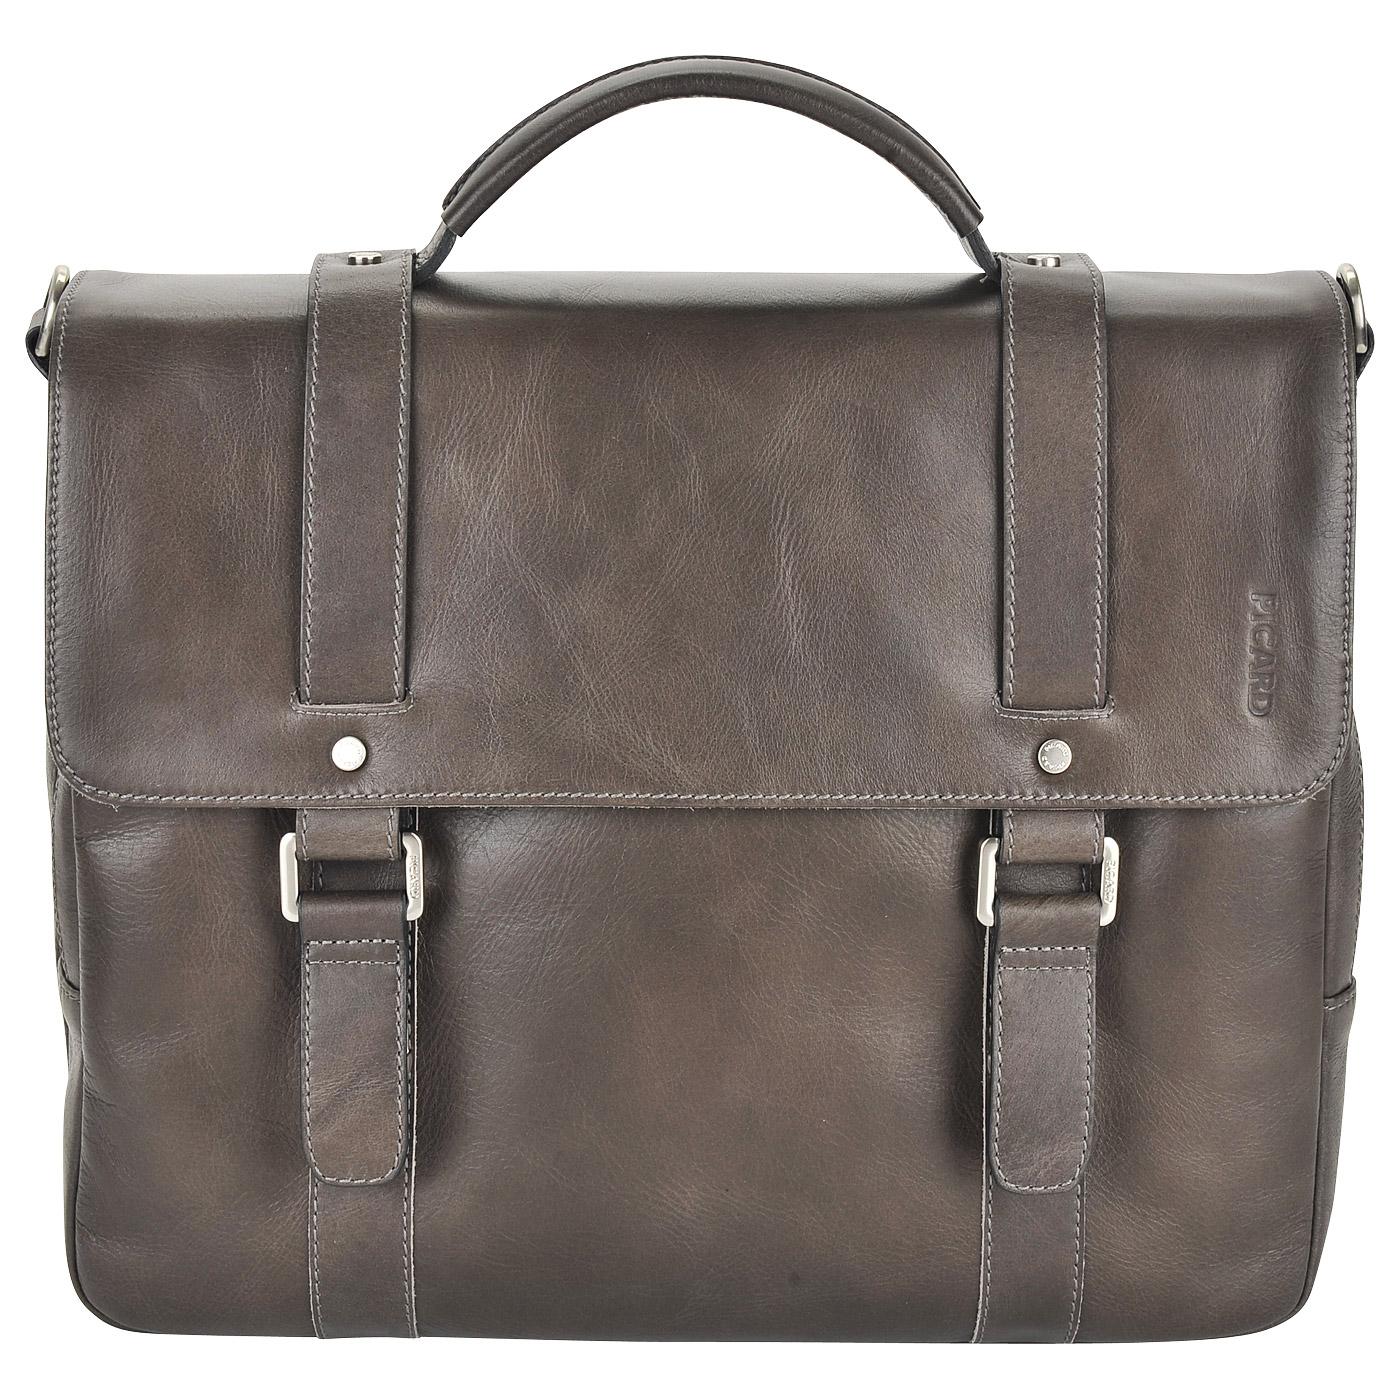 32cb5ee63276 Мужской кожаный портфель коричневого цвета Picard Buddy